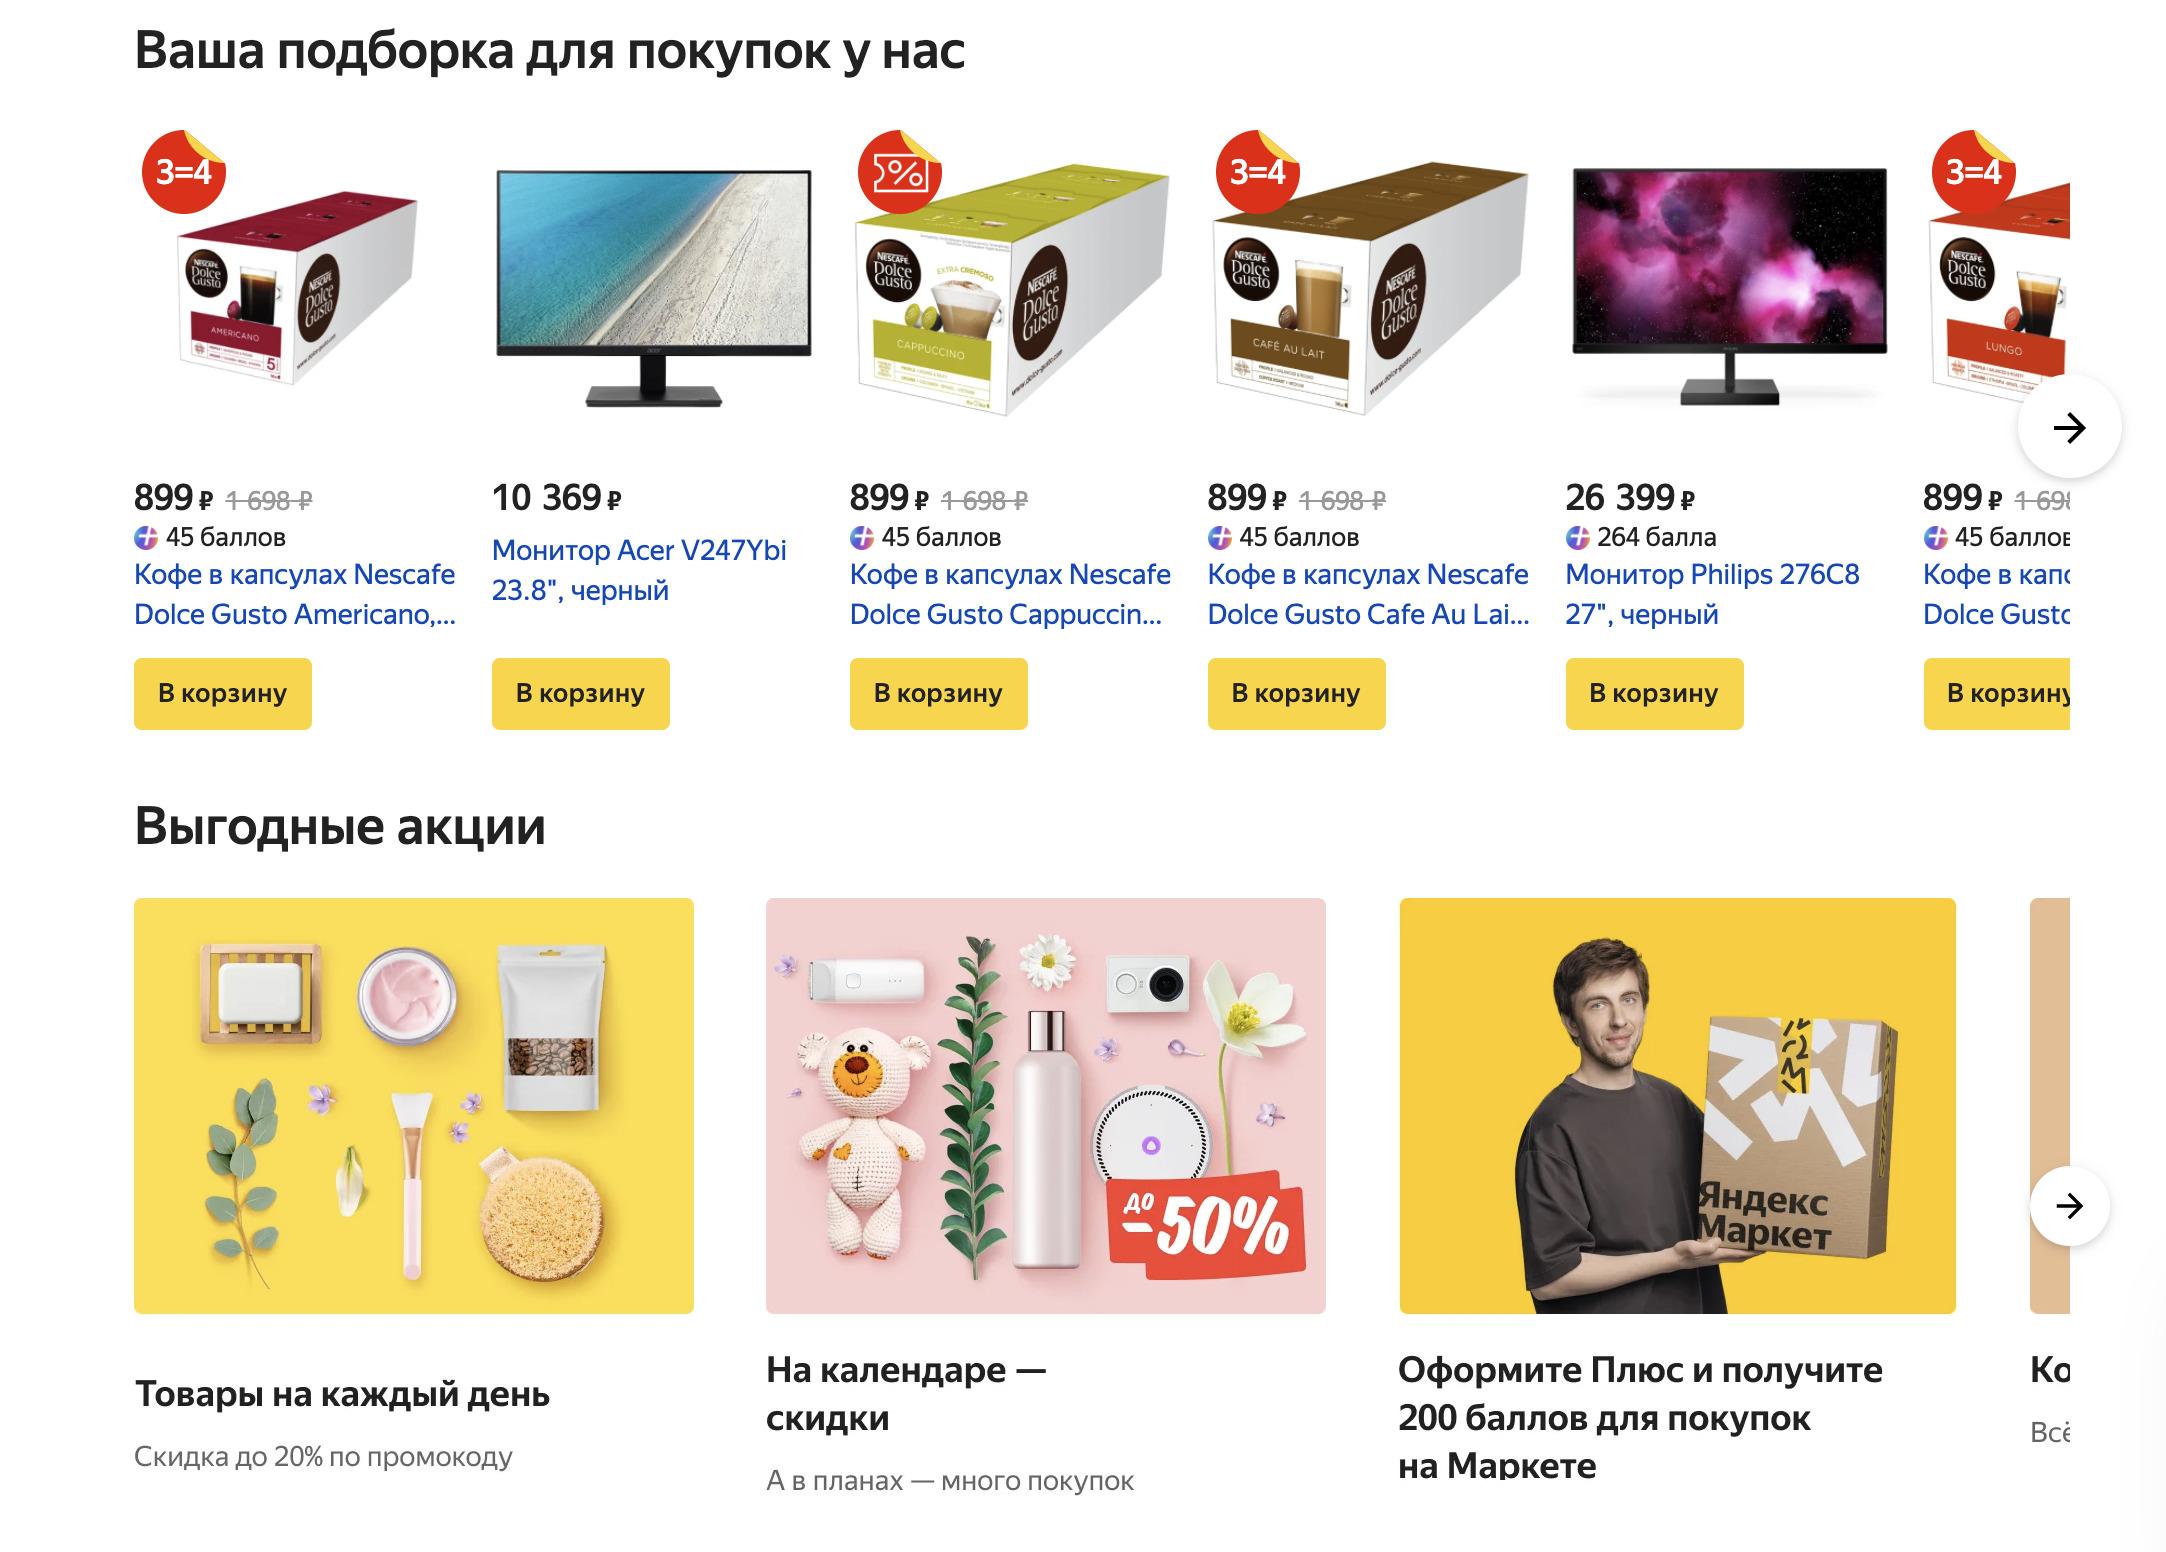 Доставка из Яндекс.Маркет в Новоалтайск, сроки, пункты выдачи, каталог